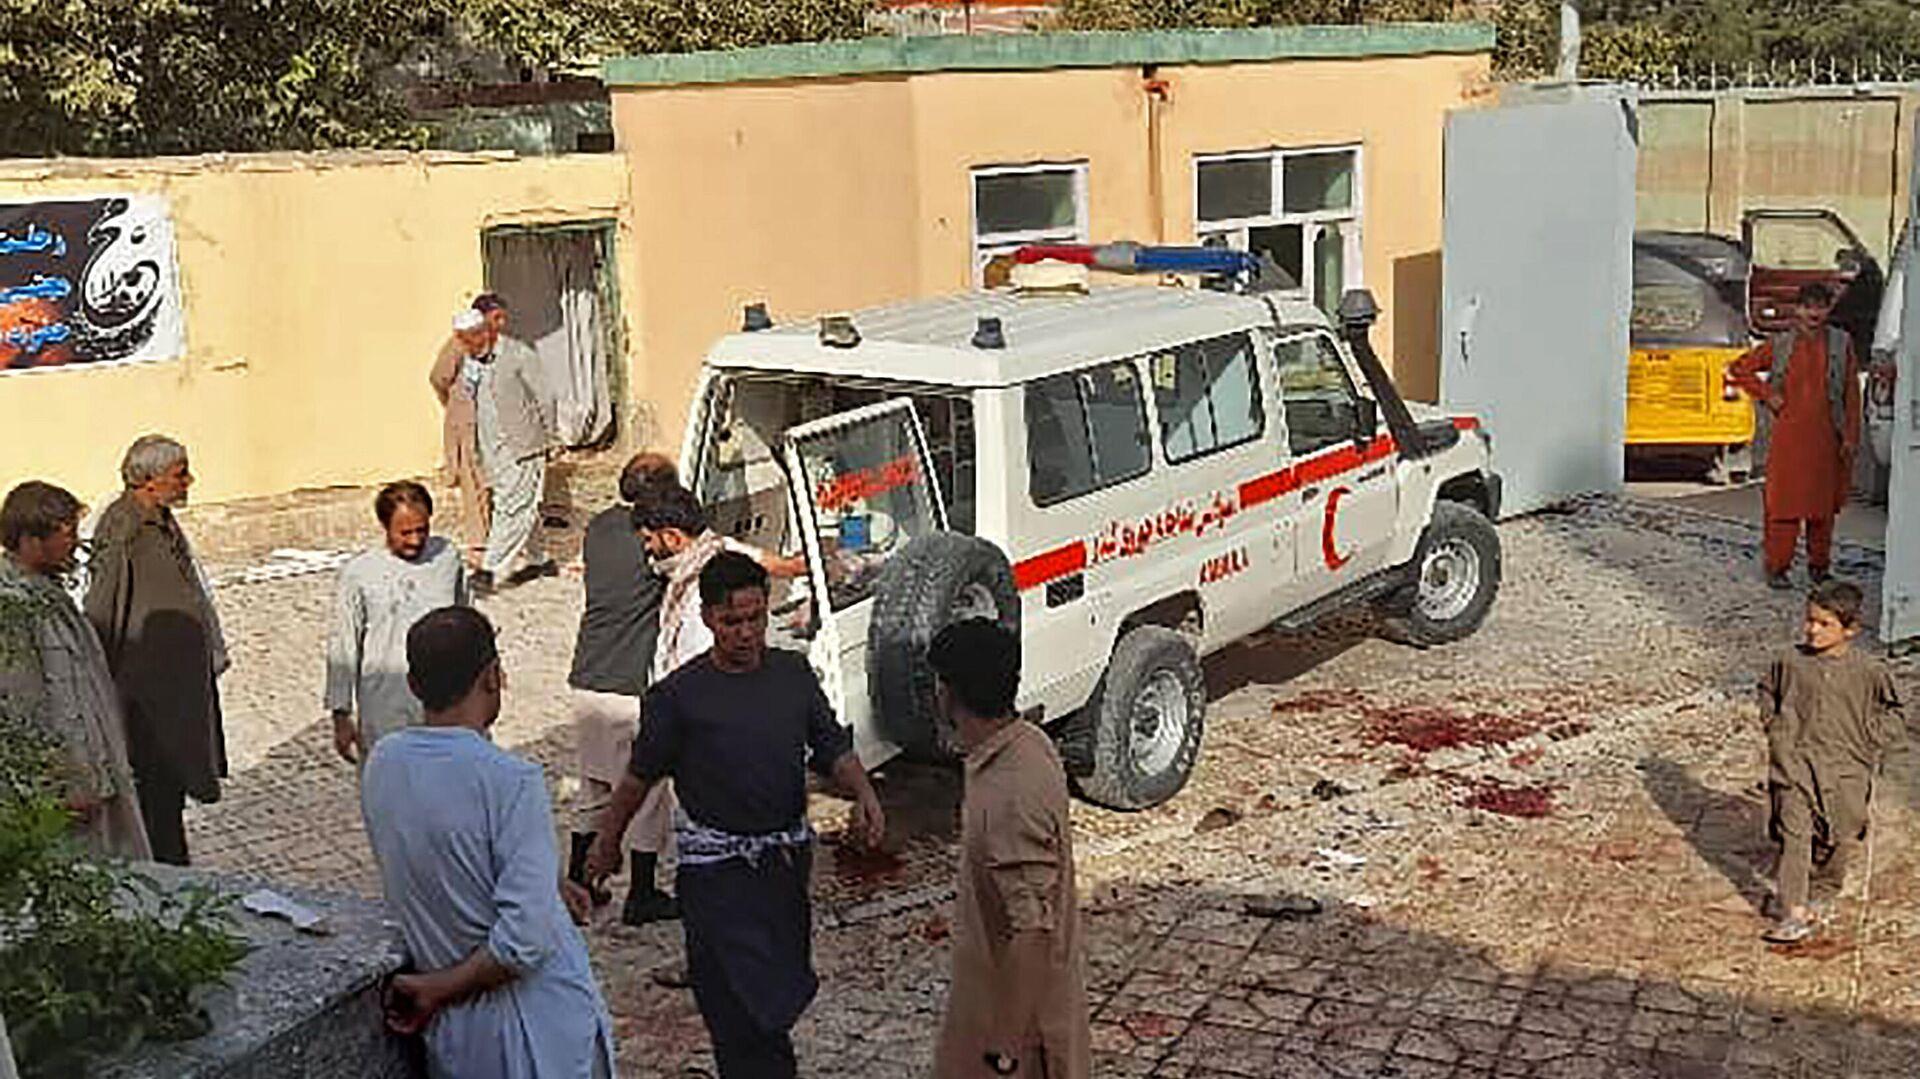 Lage nach einem Bombenanschlag auf eine Moschee in Kunduz am 8. Oktober 2021  - SNA, 1920, 08.10.2021